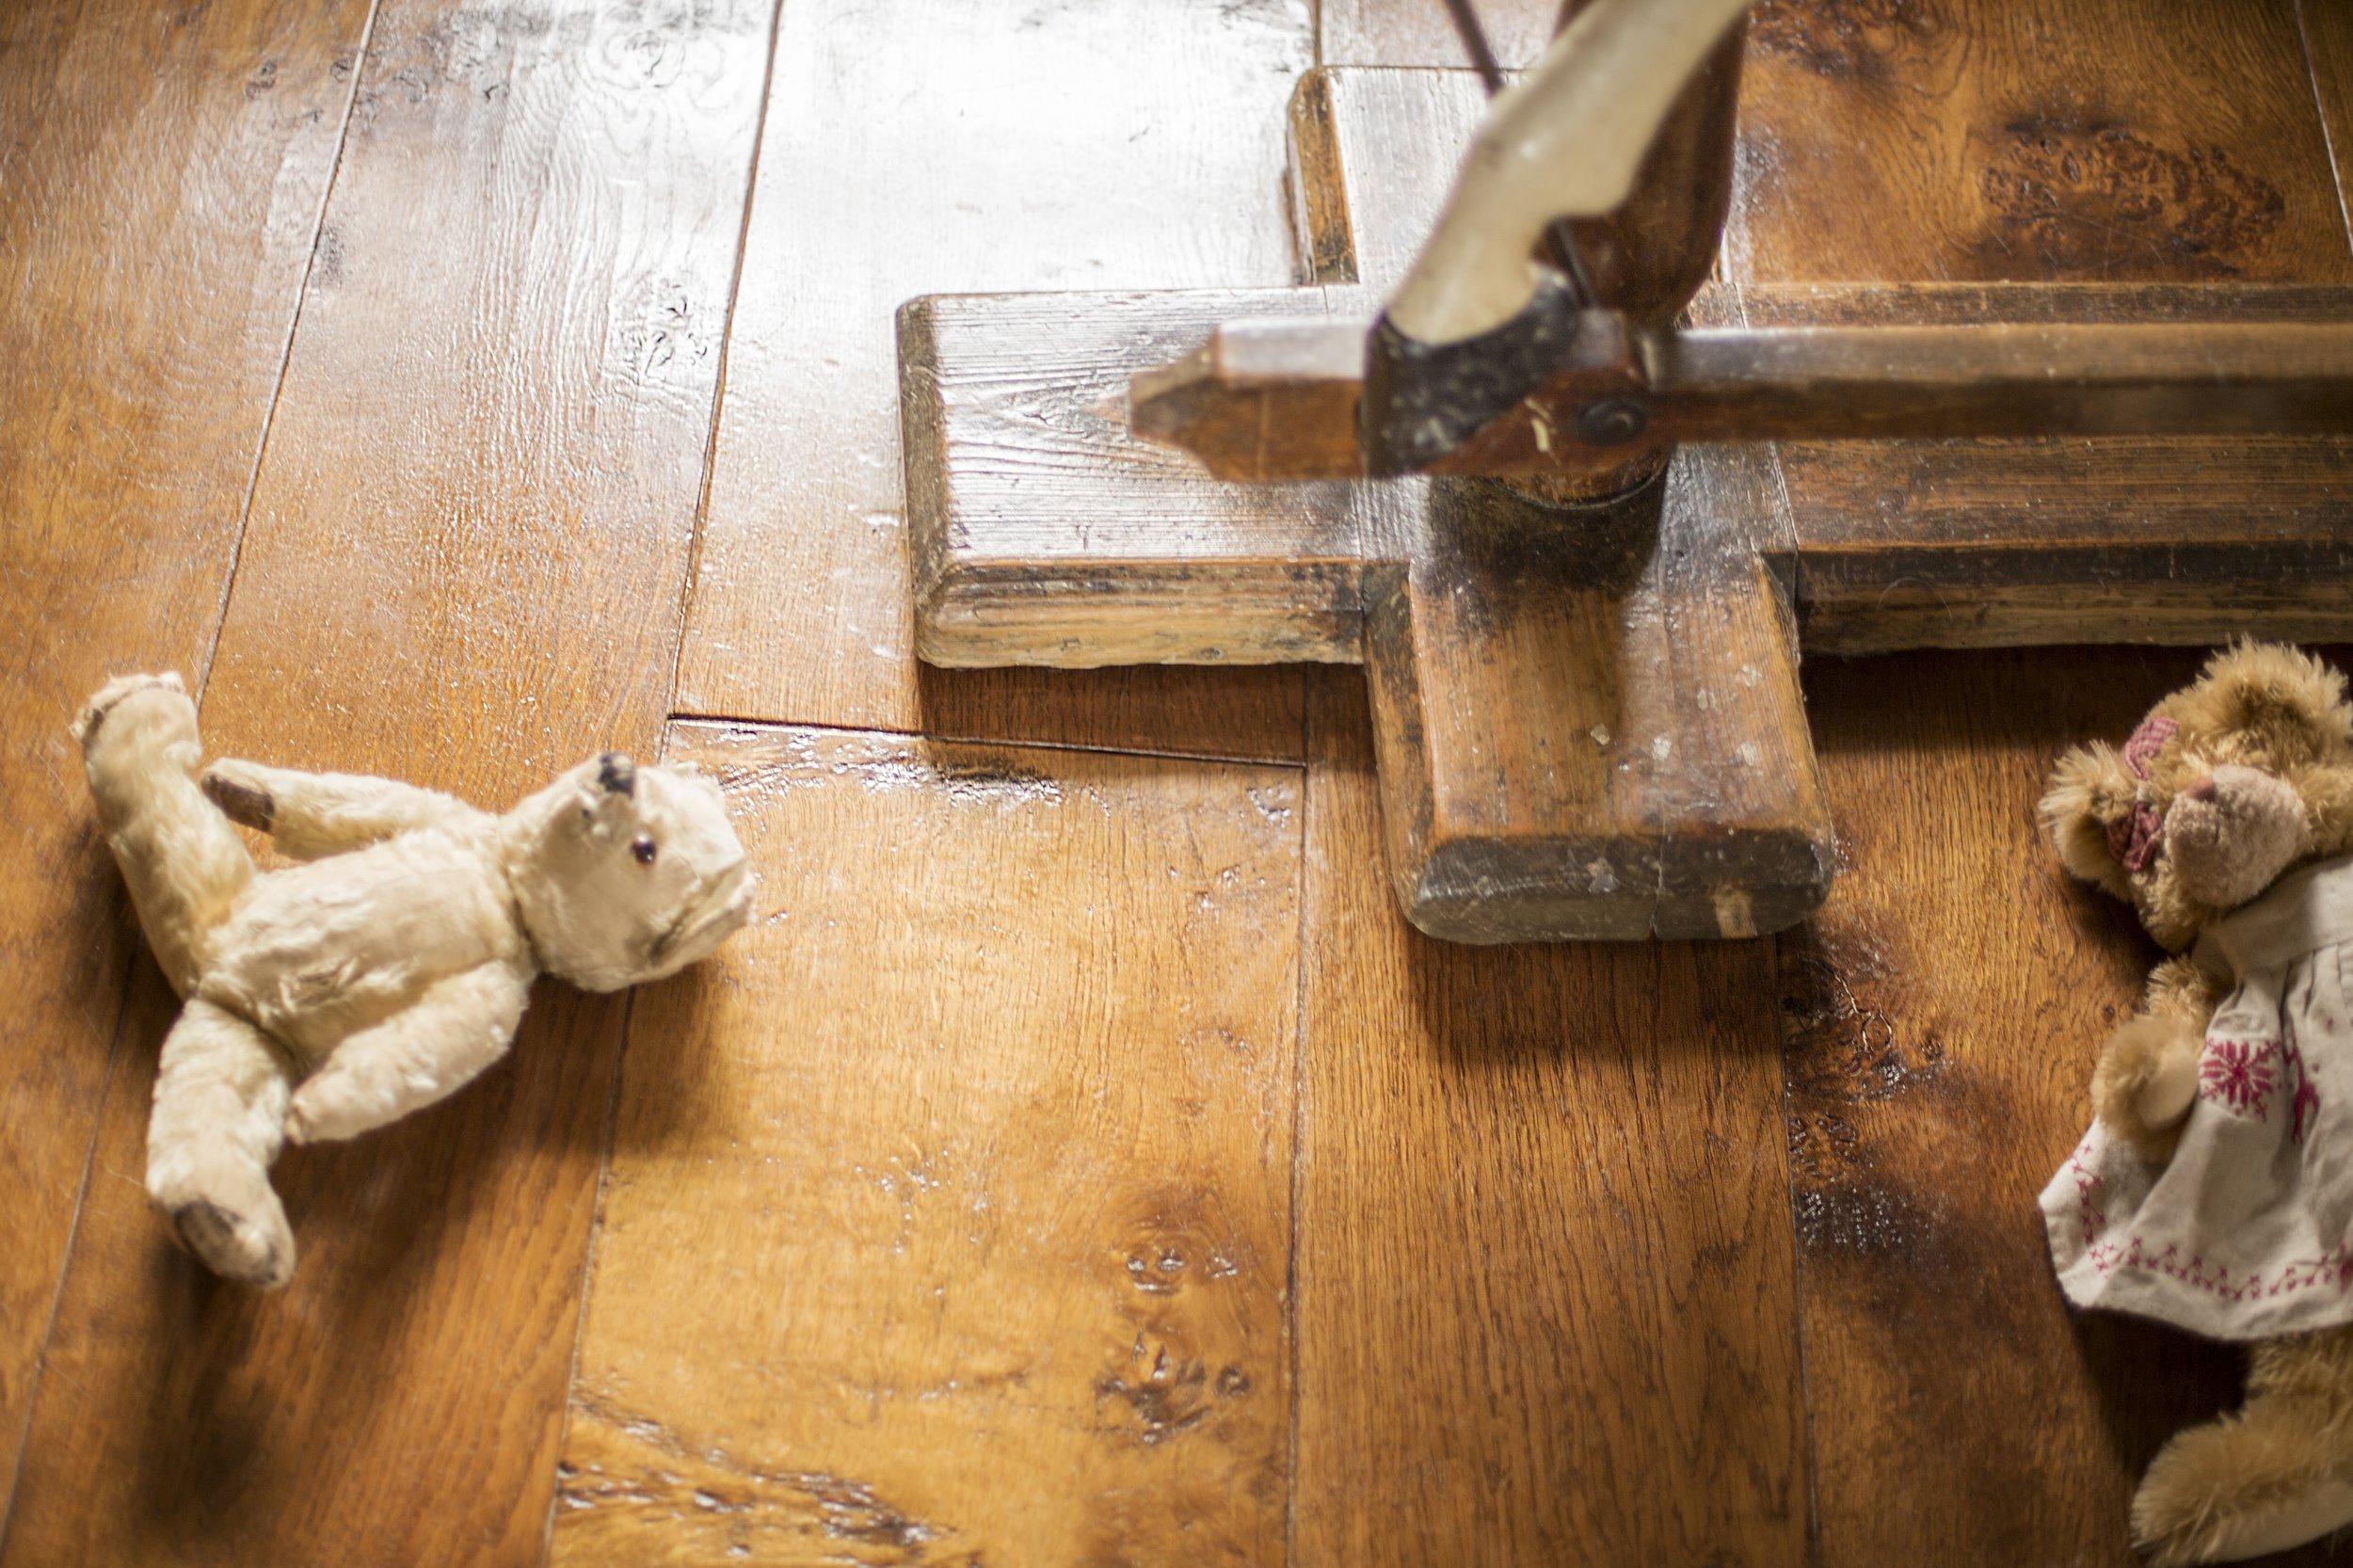 Aged wood flooring